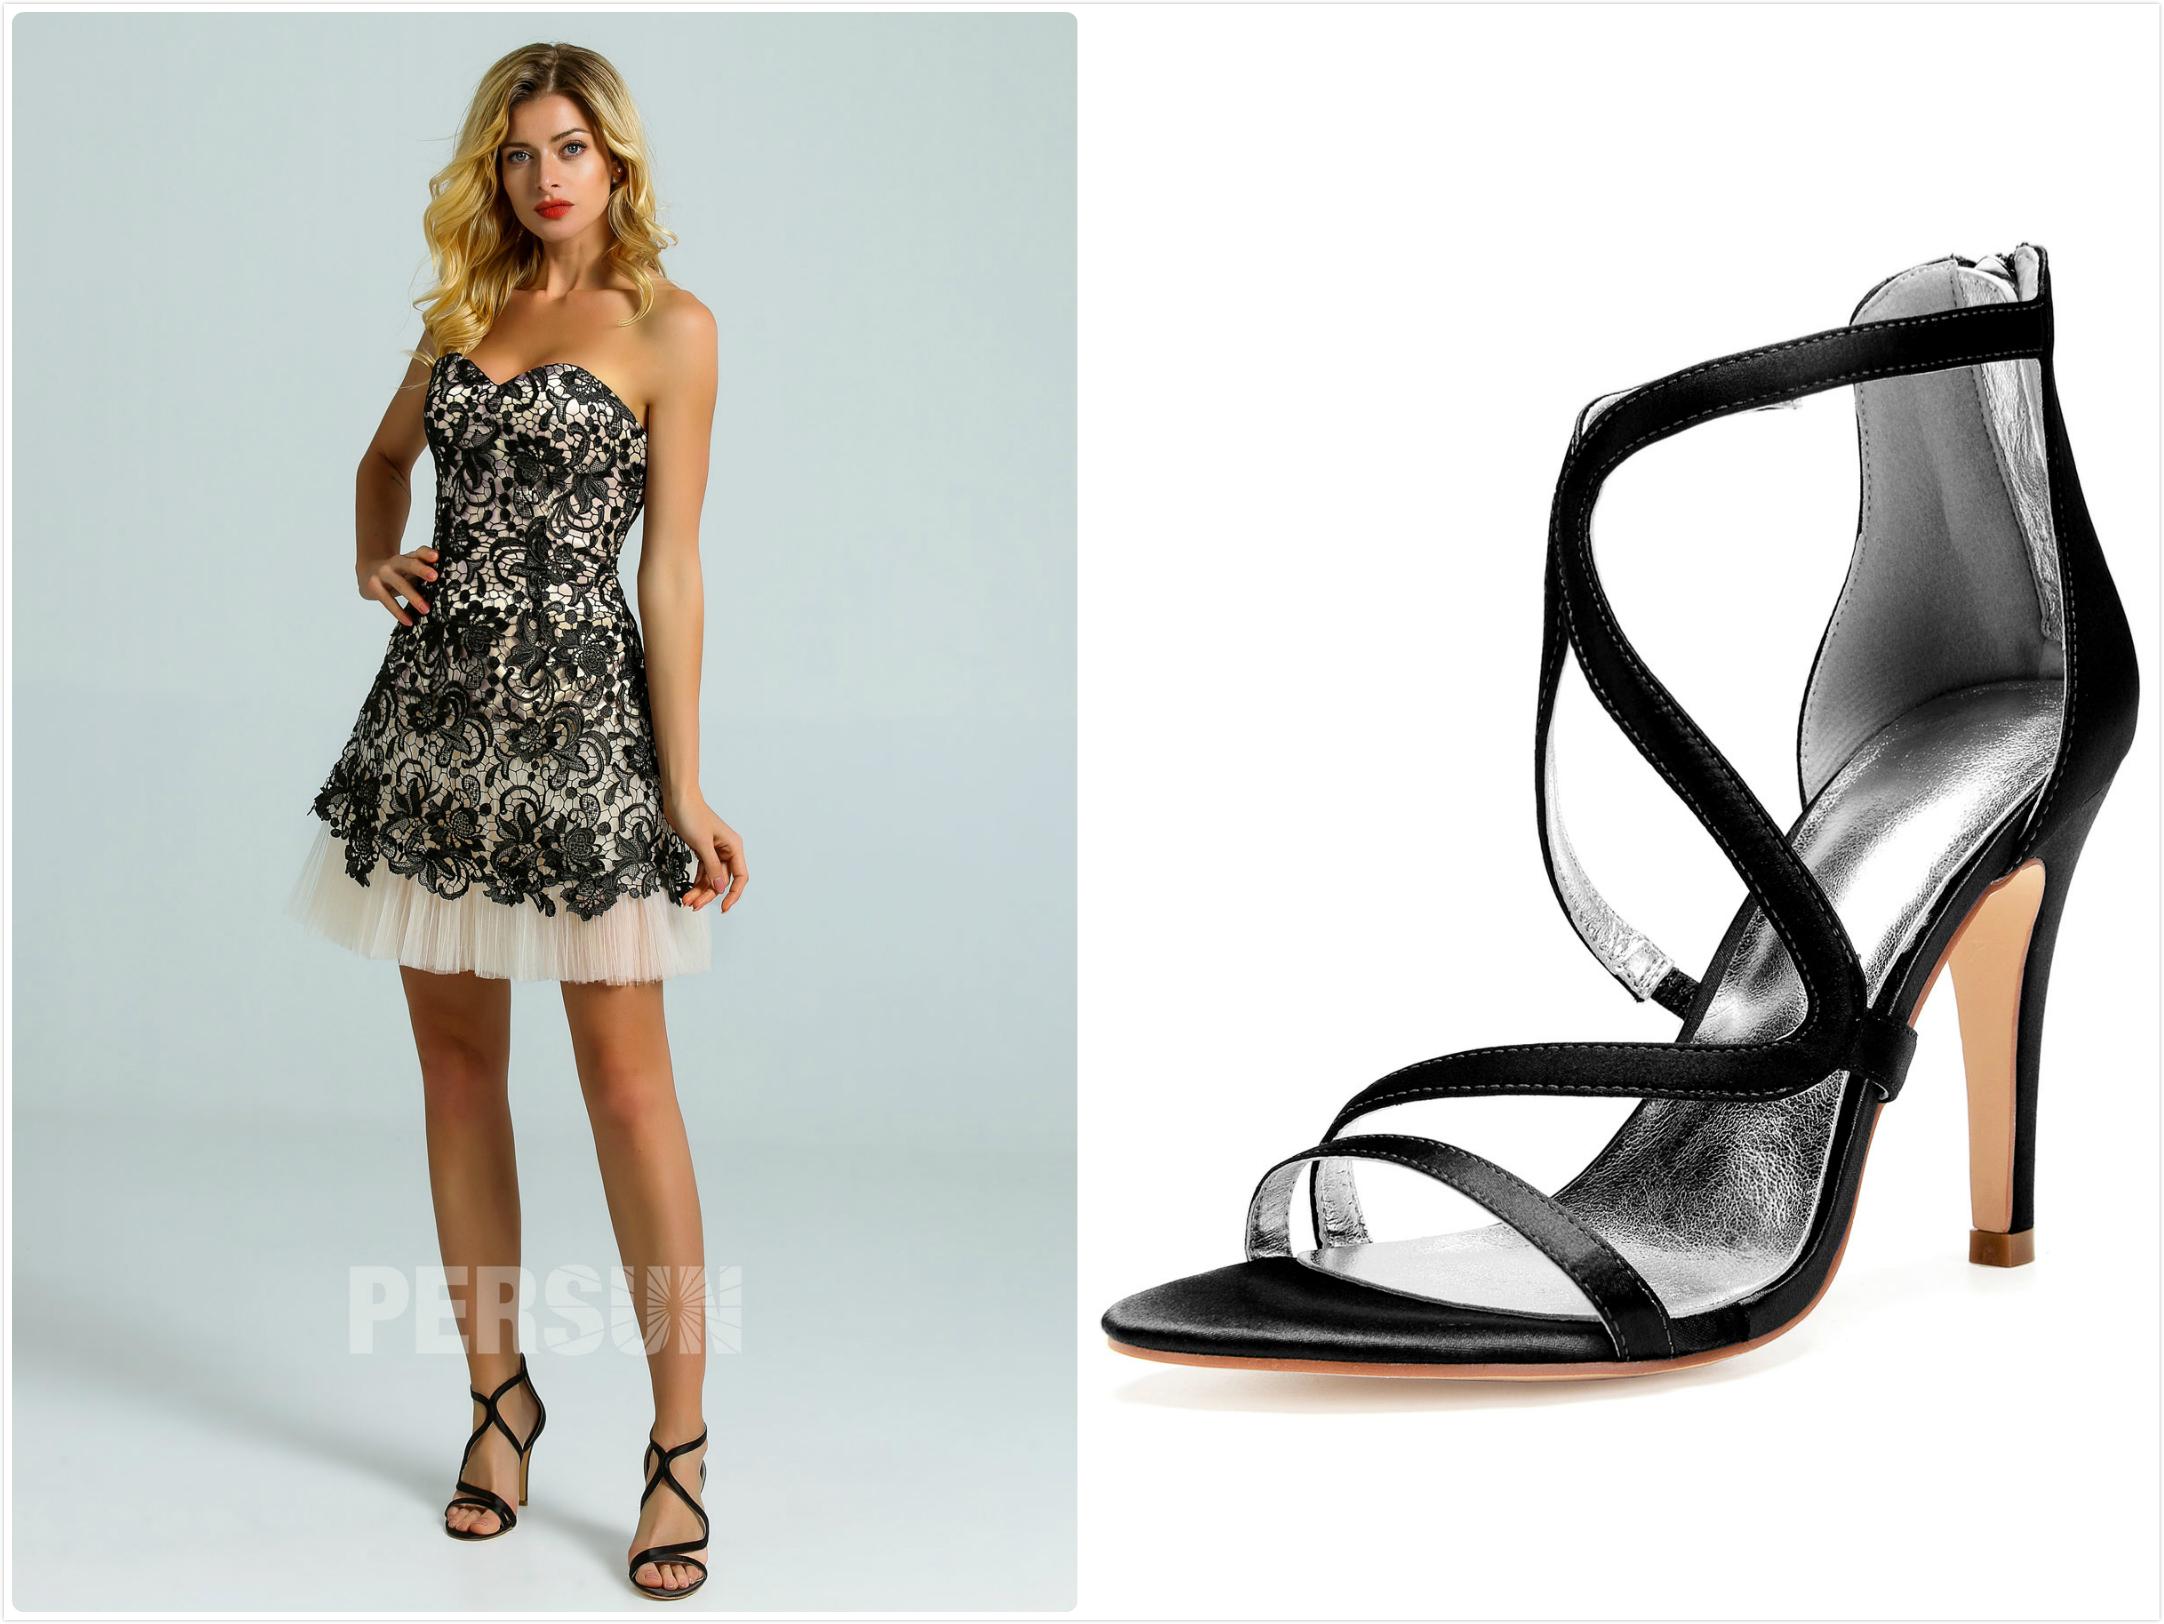 sandales noires pour assortir robe soirée courte dentelle noire